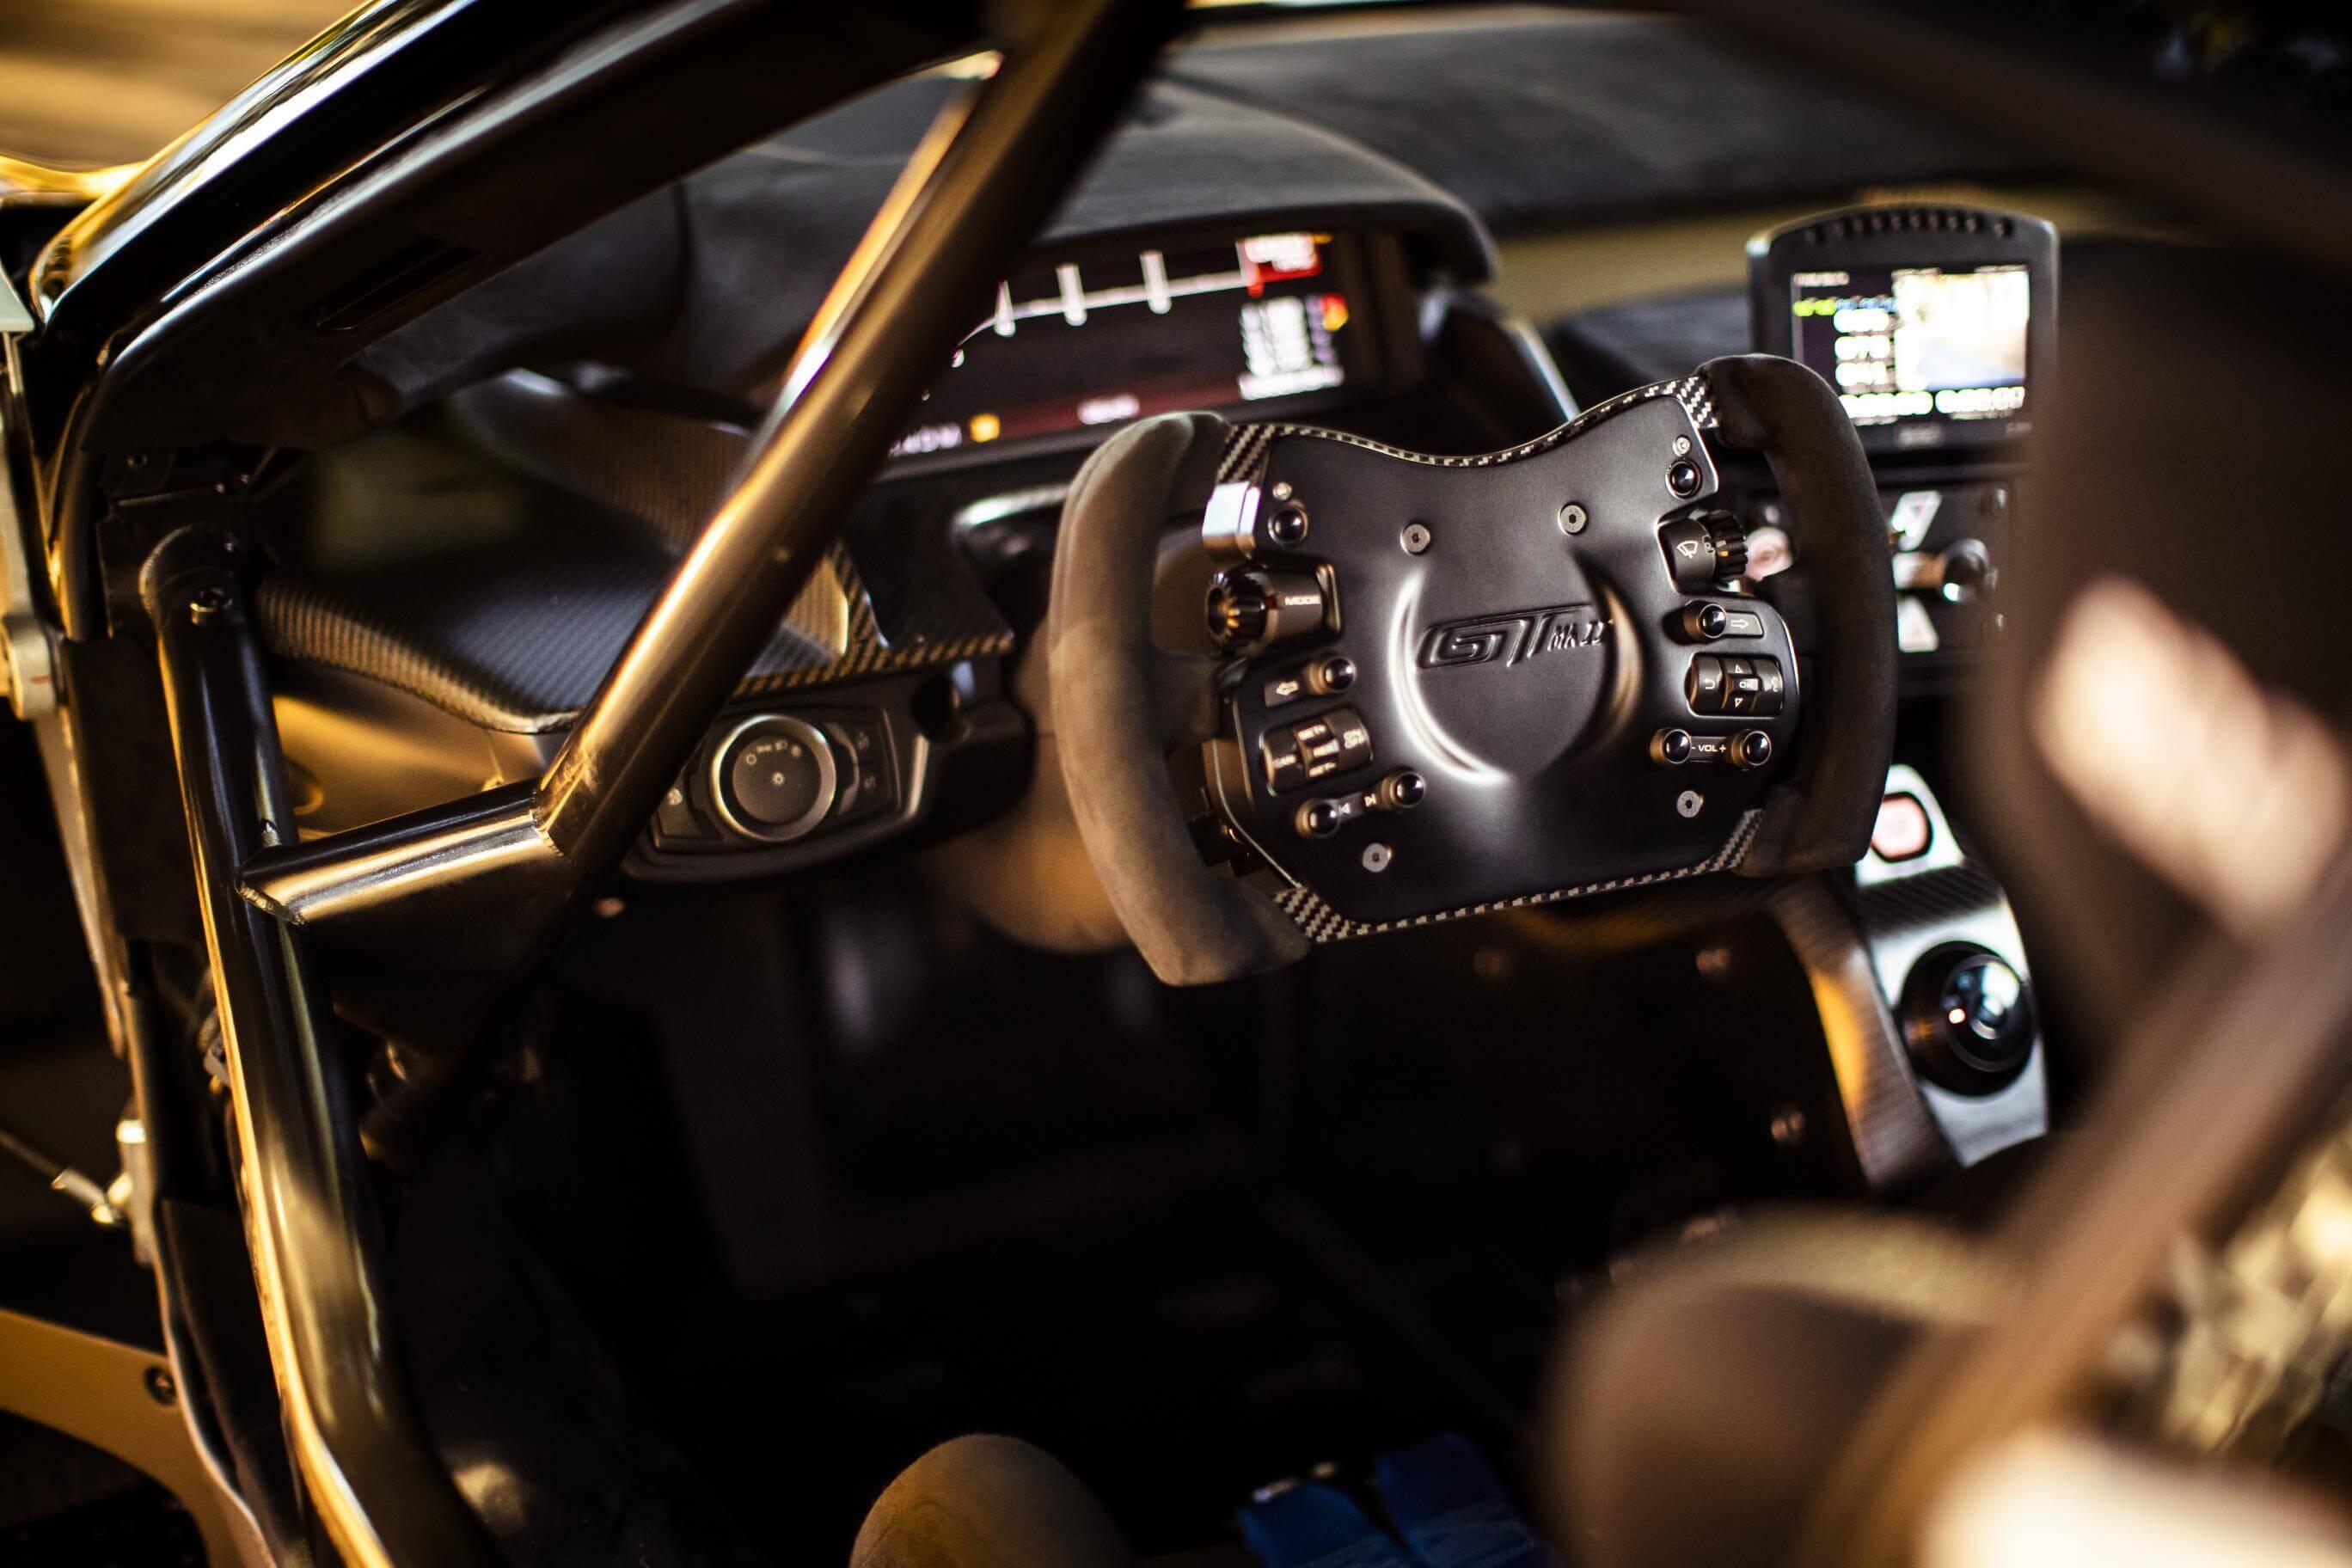 Fordd GT Mk II: interior